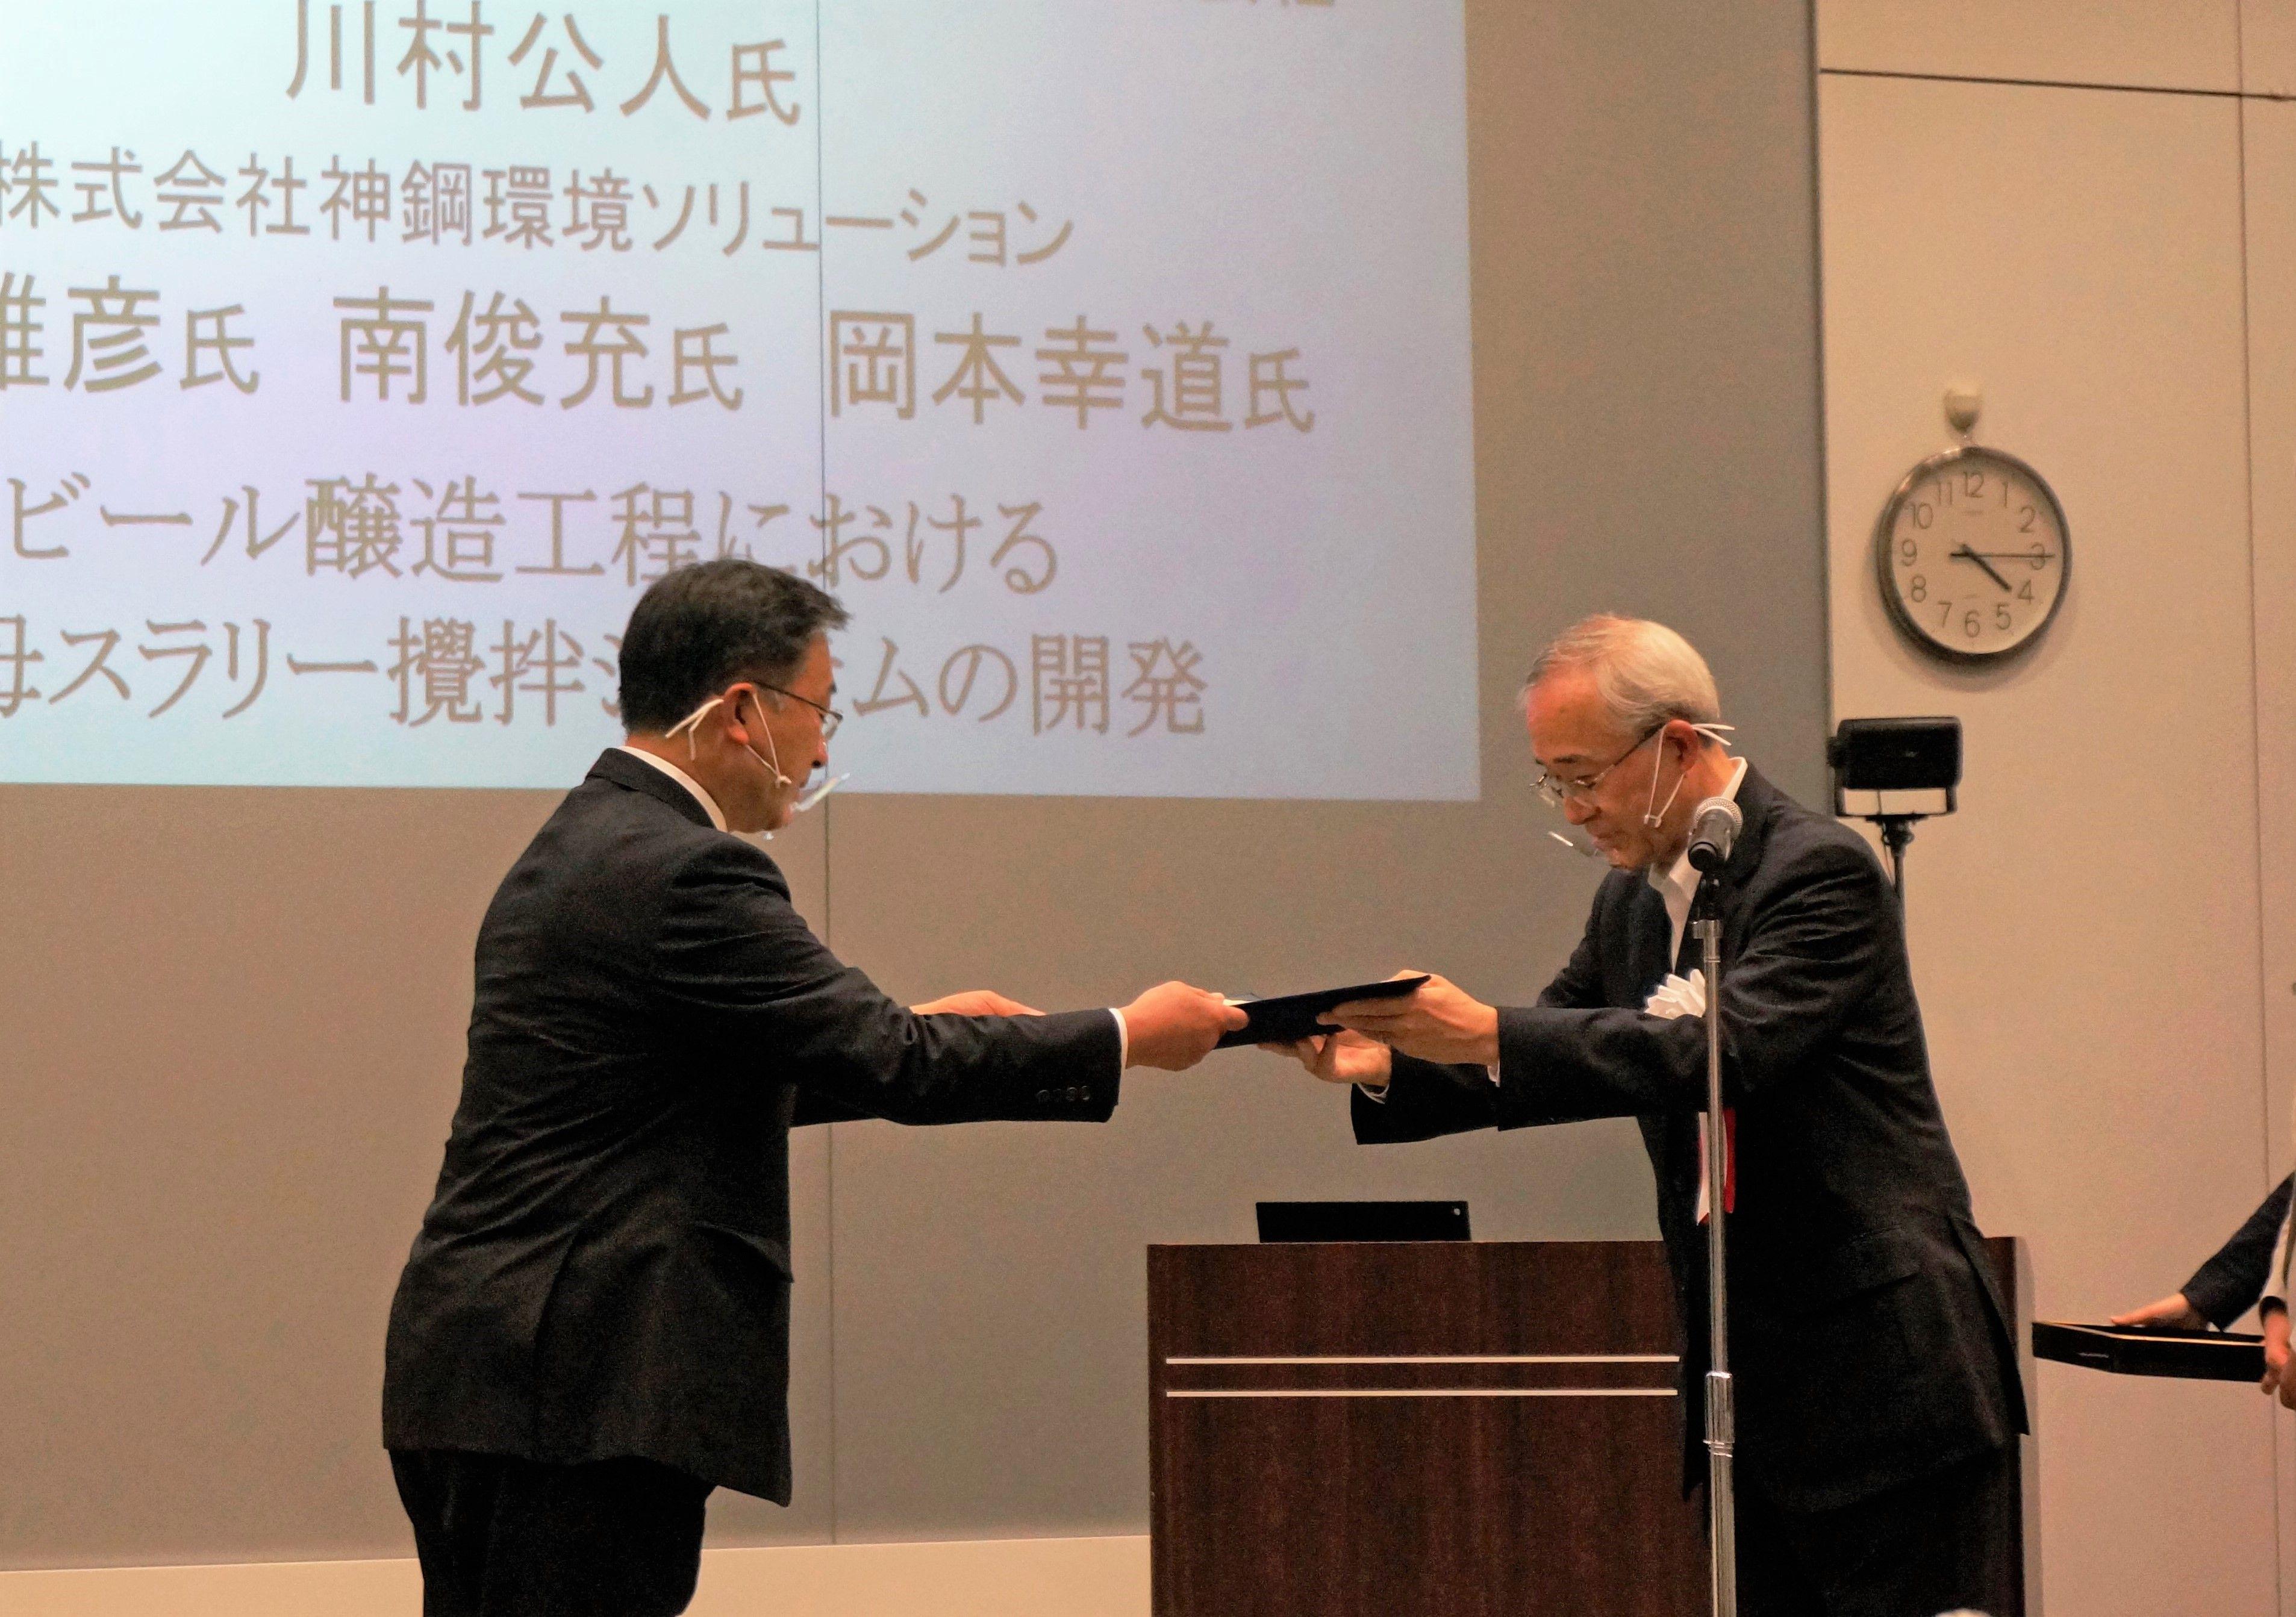 「ビール醸造工程における酵母スラリー撹拌システムの開発」が「令和元年度 化学工学会」において技術賞を受賞